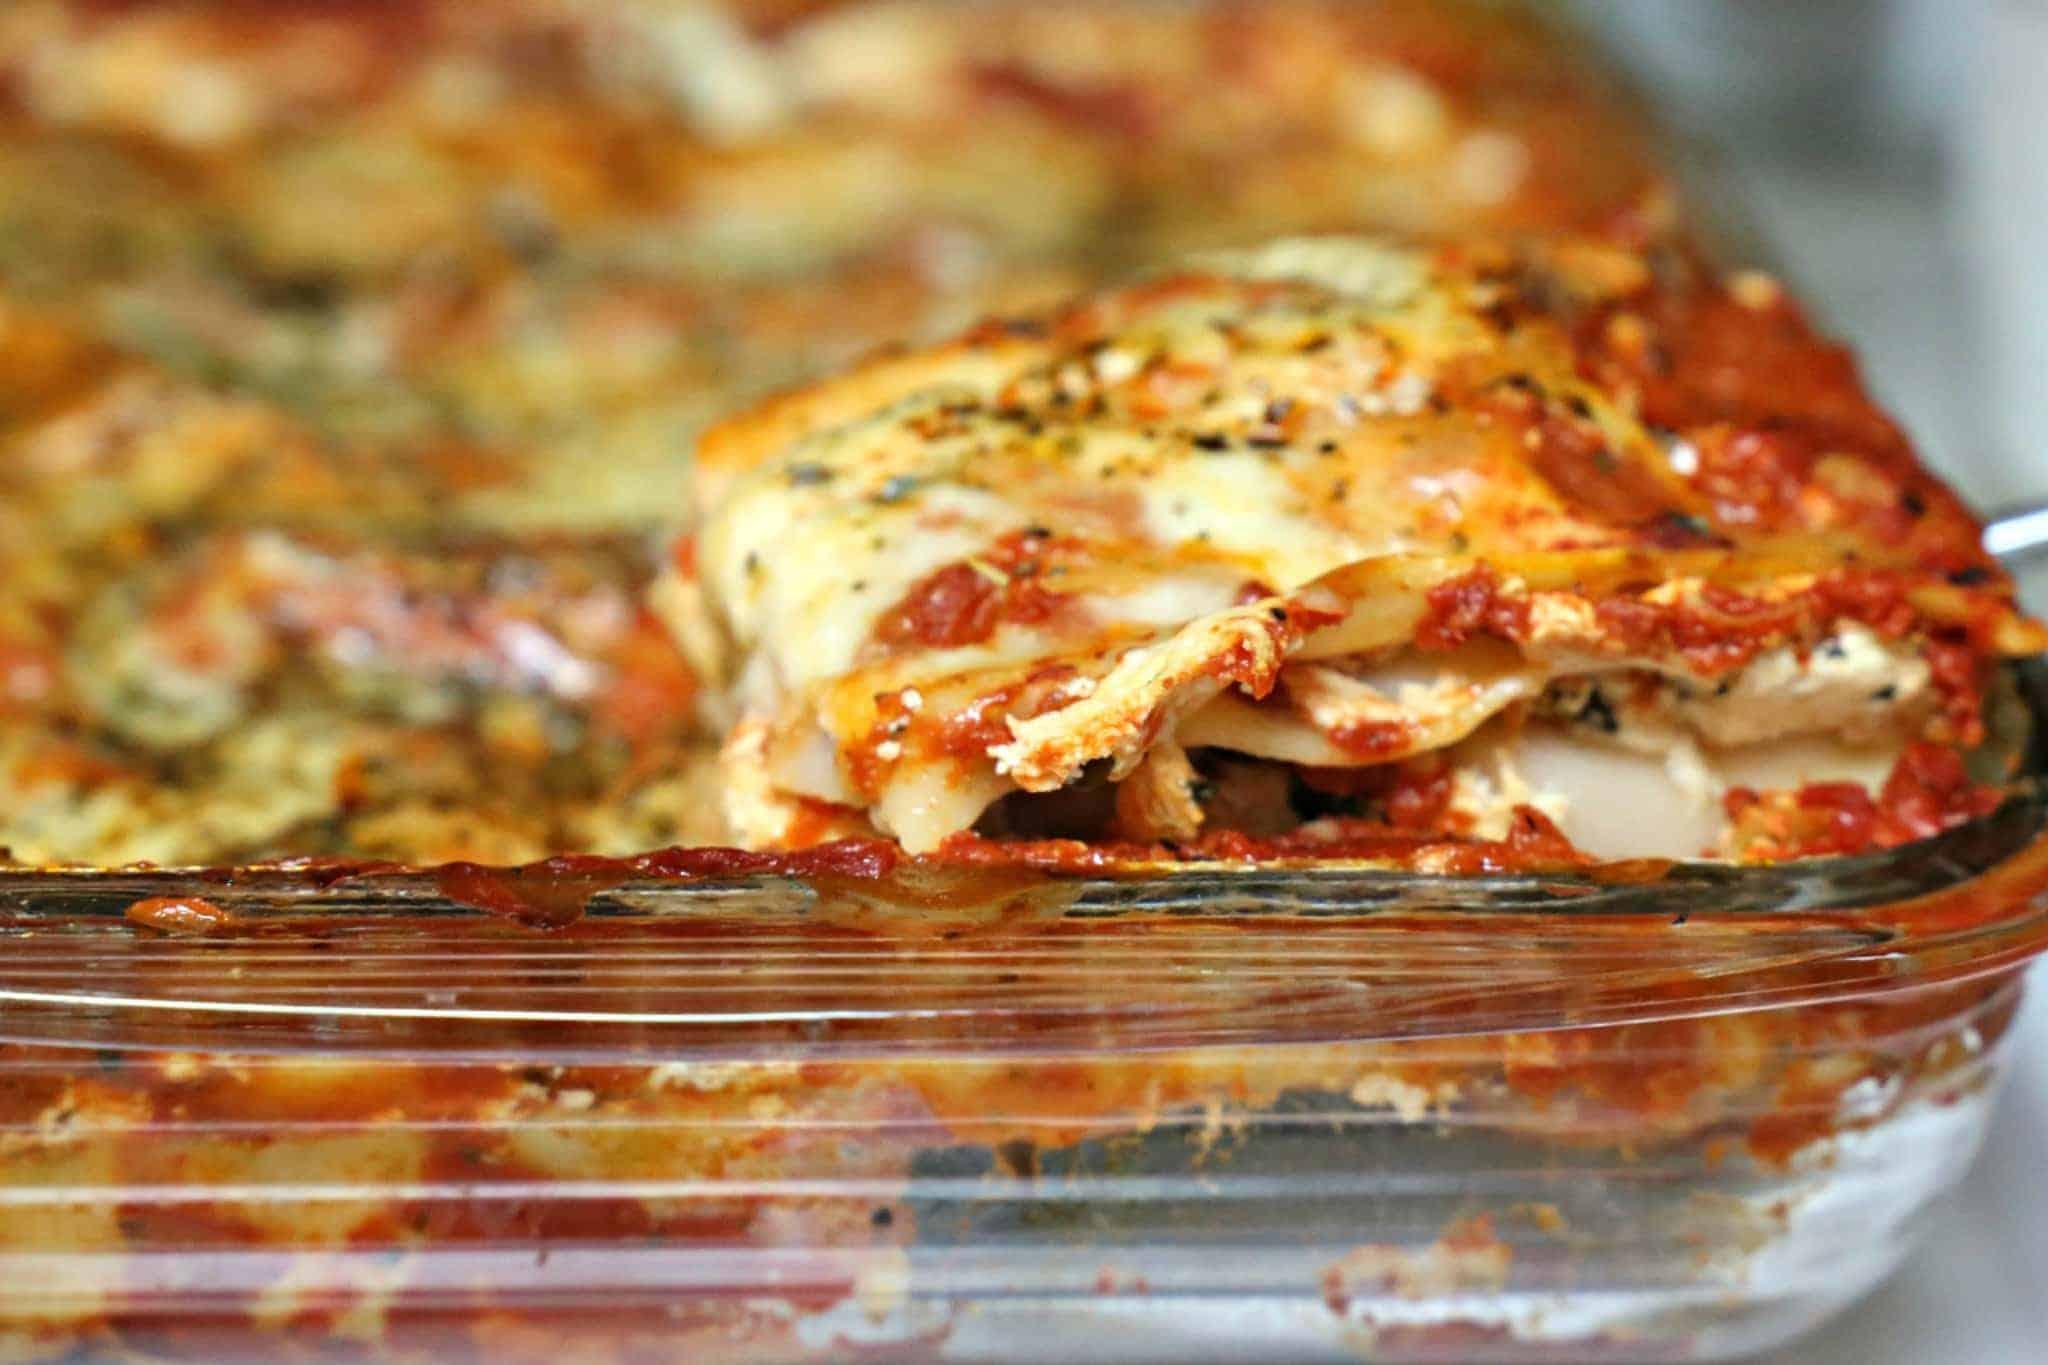 Cheesy Lasagna in a pan